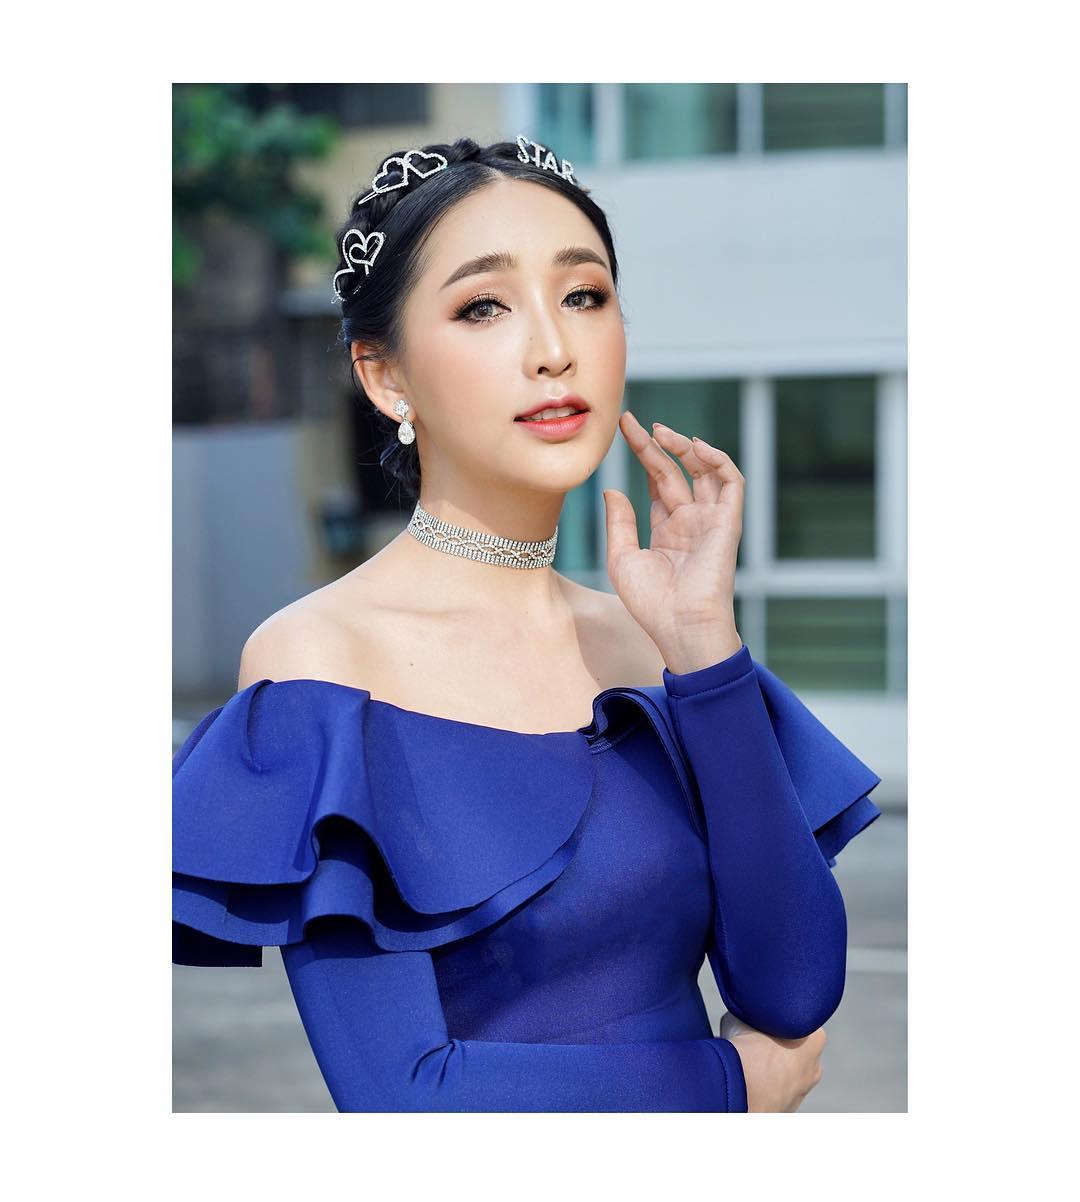 mỹ nhân chuyển giới - rose diện váy xanh navy